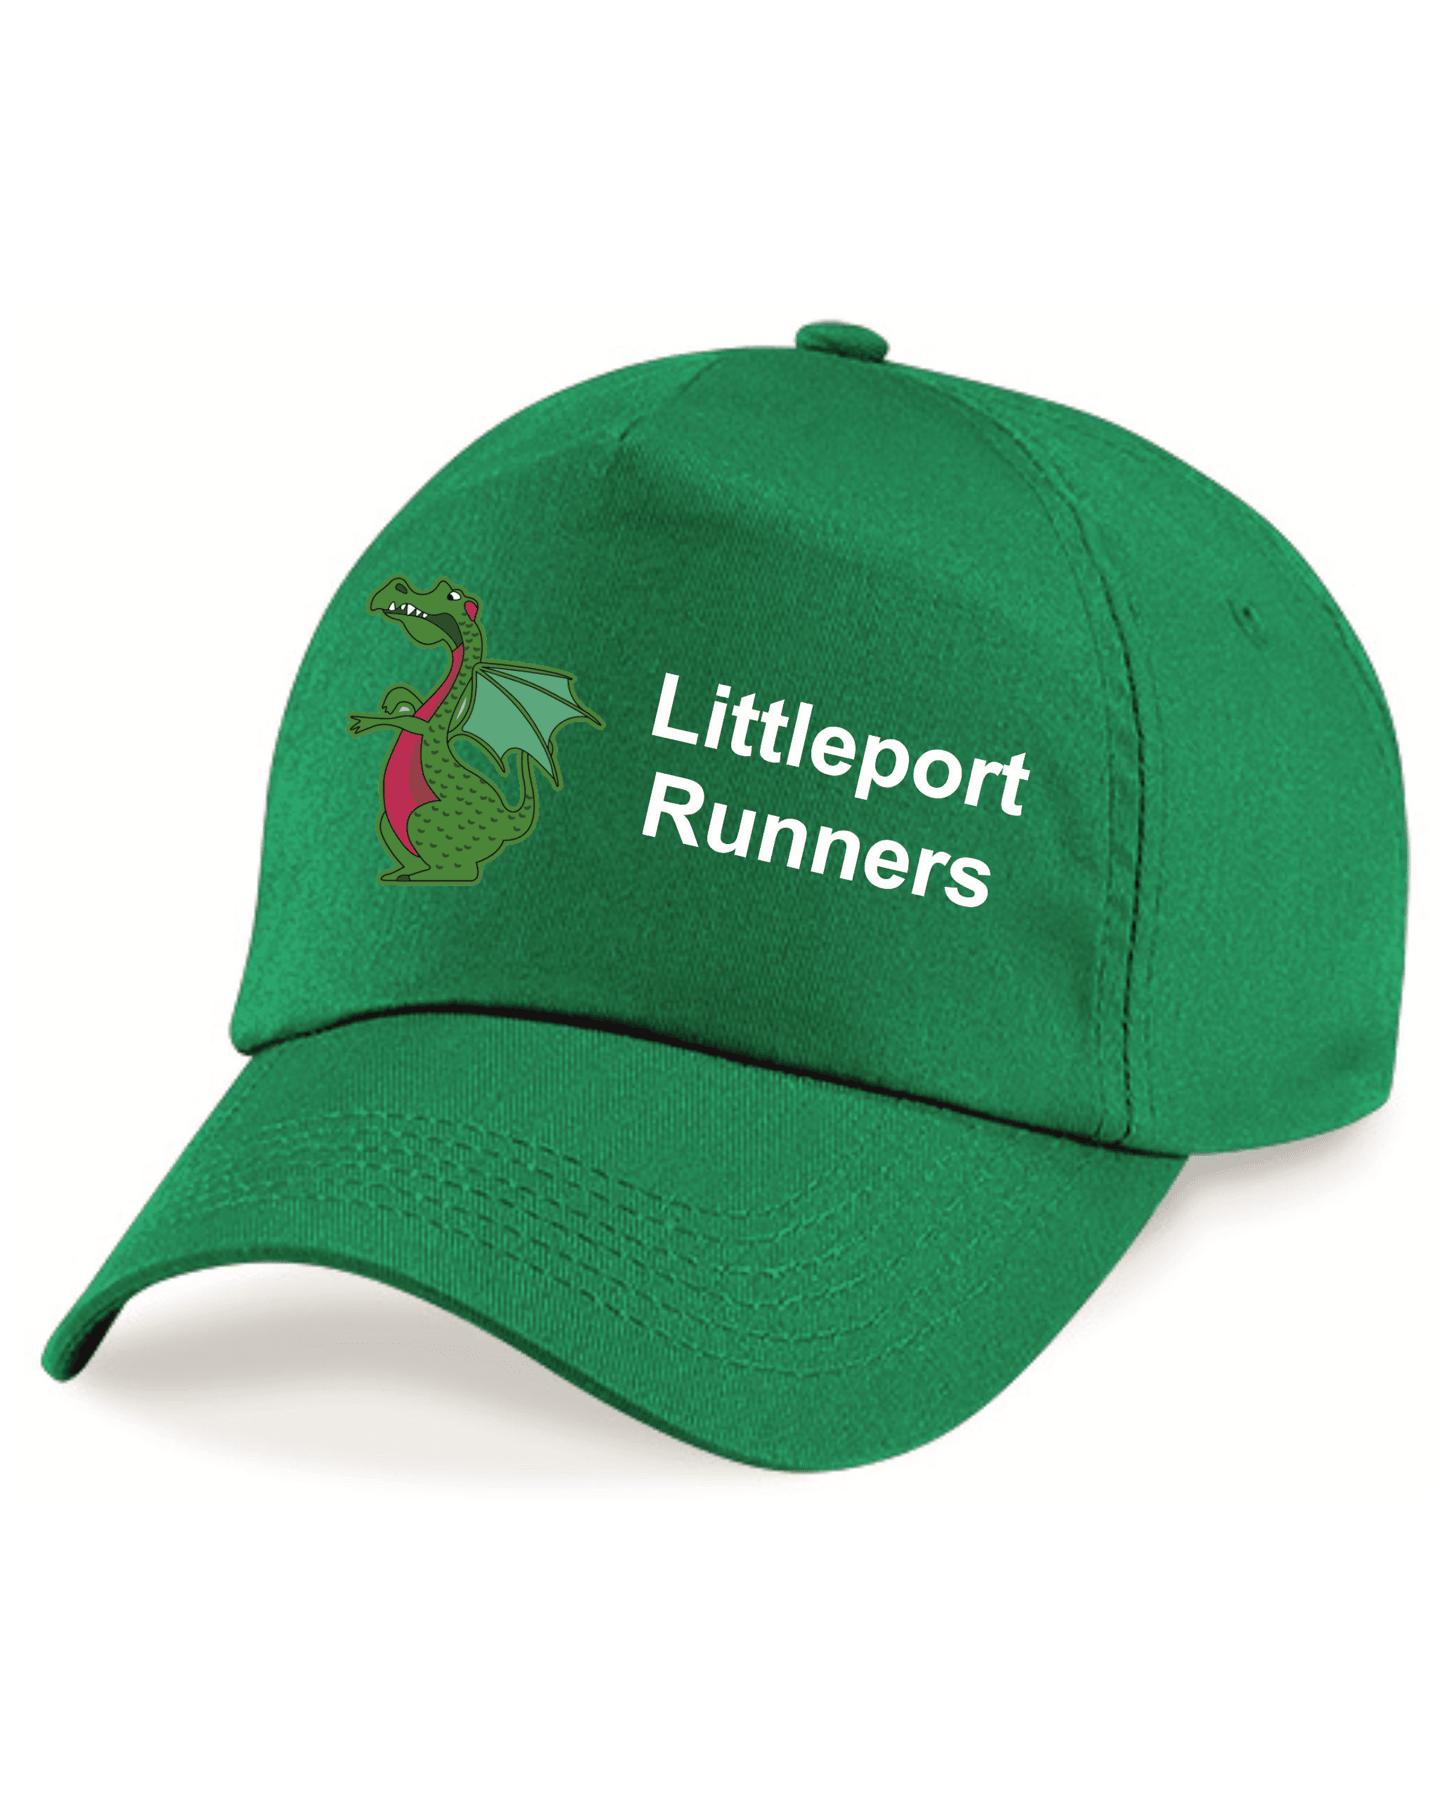 Littleport Runners – Baseball Cap